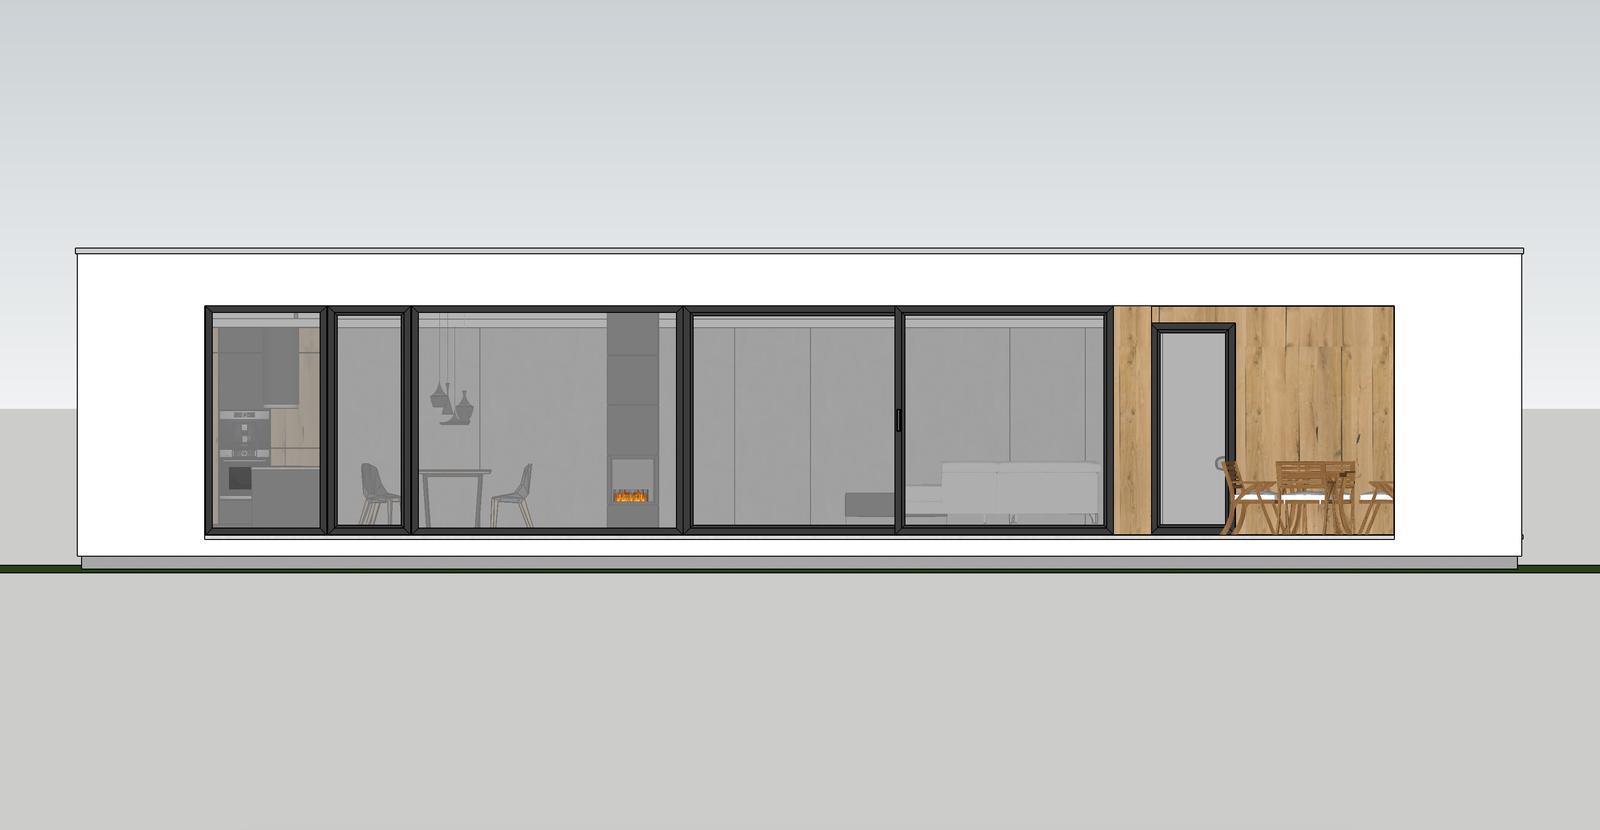 Dom vizualizacia - Obrázok č. 12